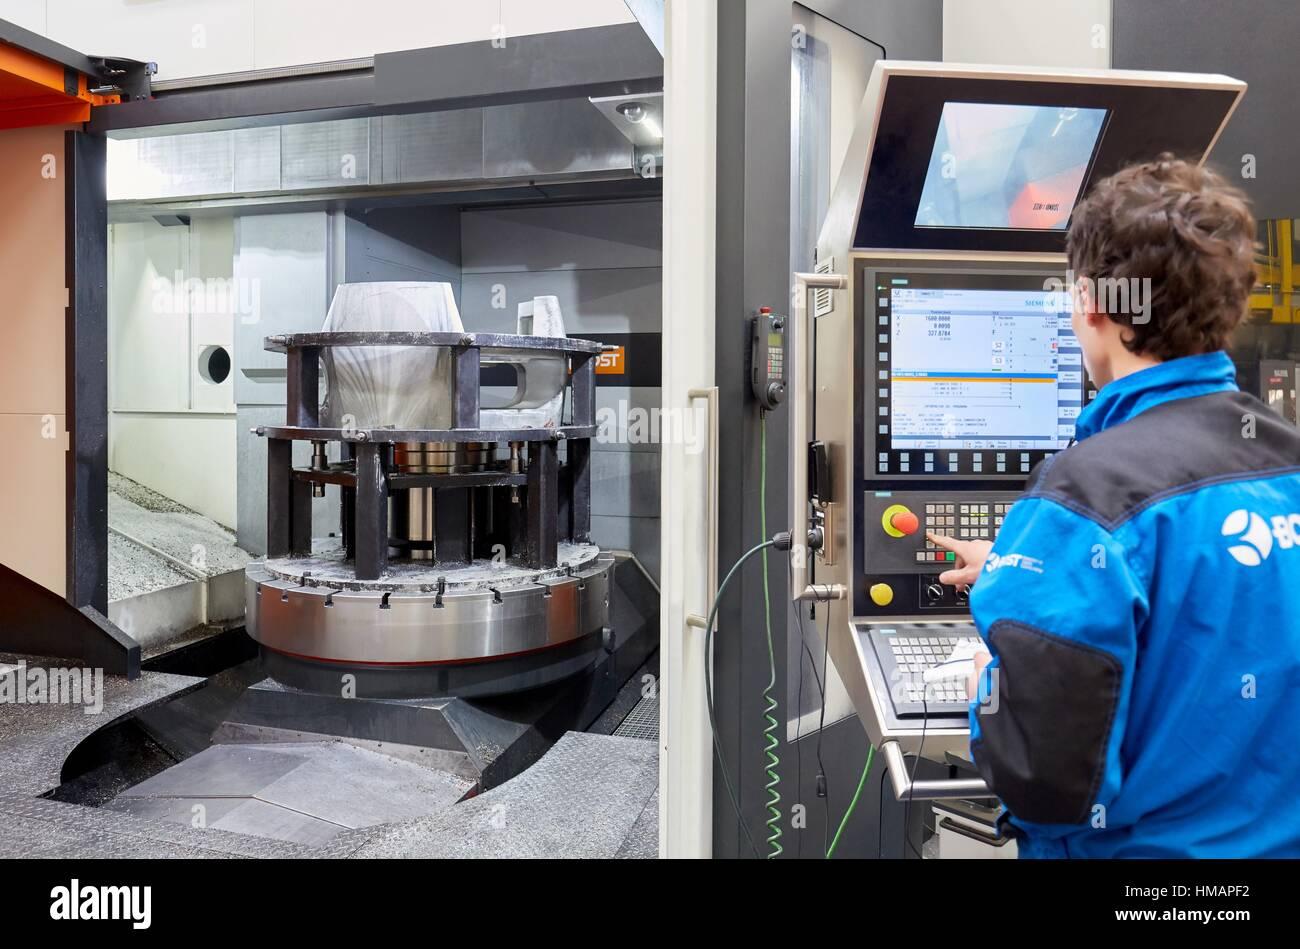 Centro di lavorazione. CNC. Tornio verticale. Macchine utensili azienda. Gipuzkoa. Paese basco. Spagna. Europa Immagini Stock